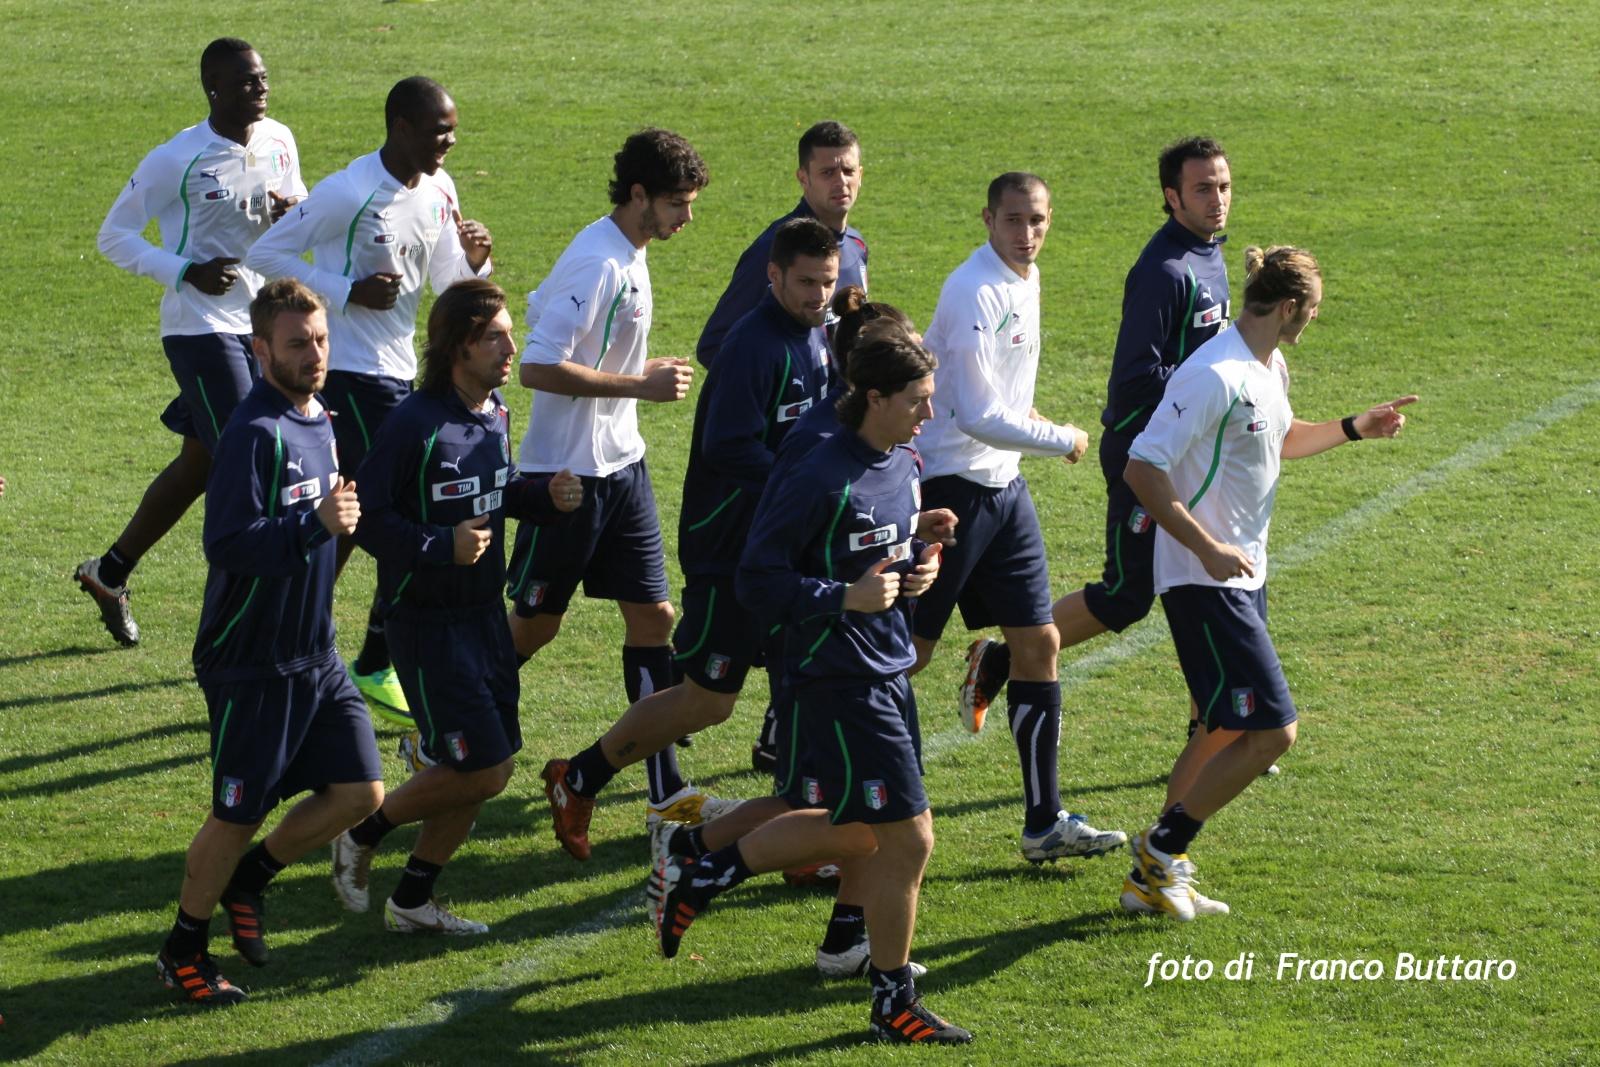 Nazionale A - Gli Azzurri di Cesare Prandelli